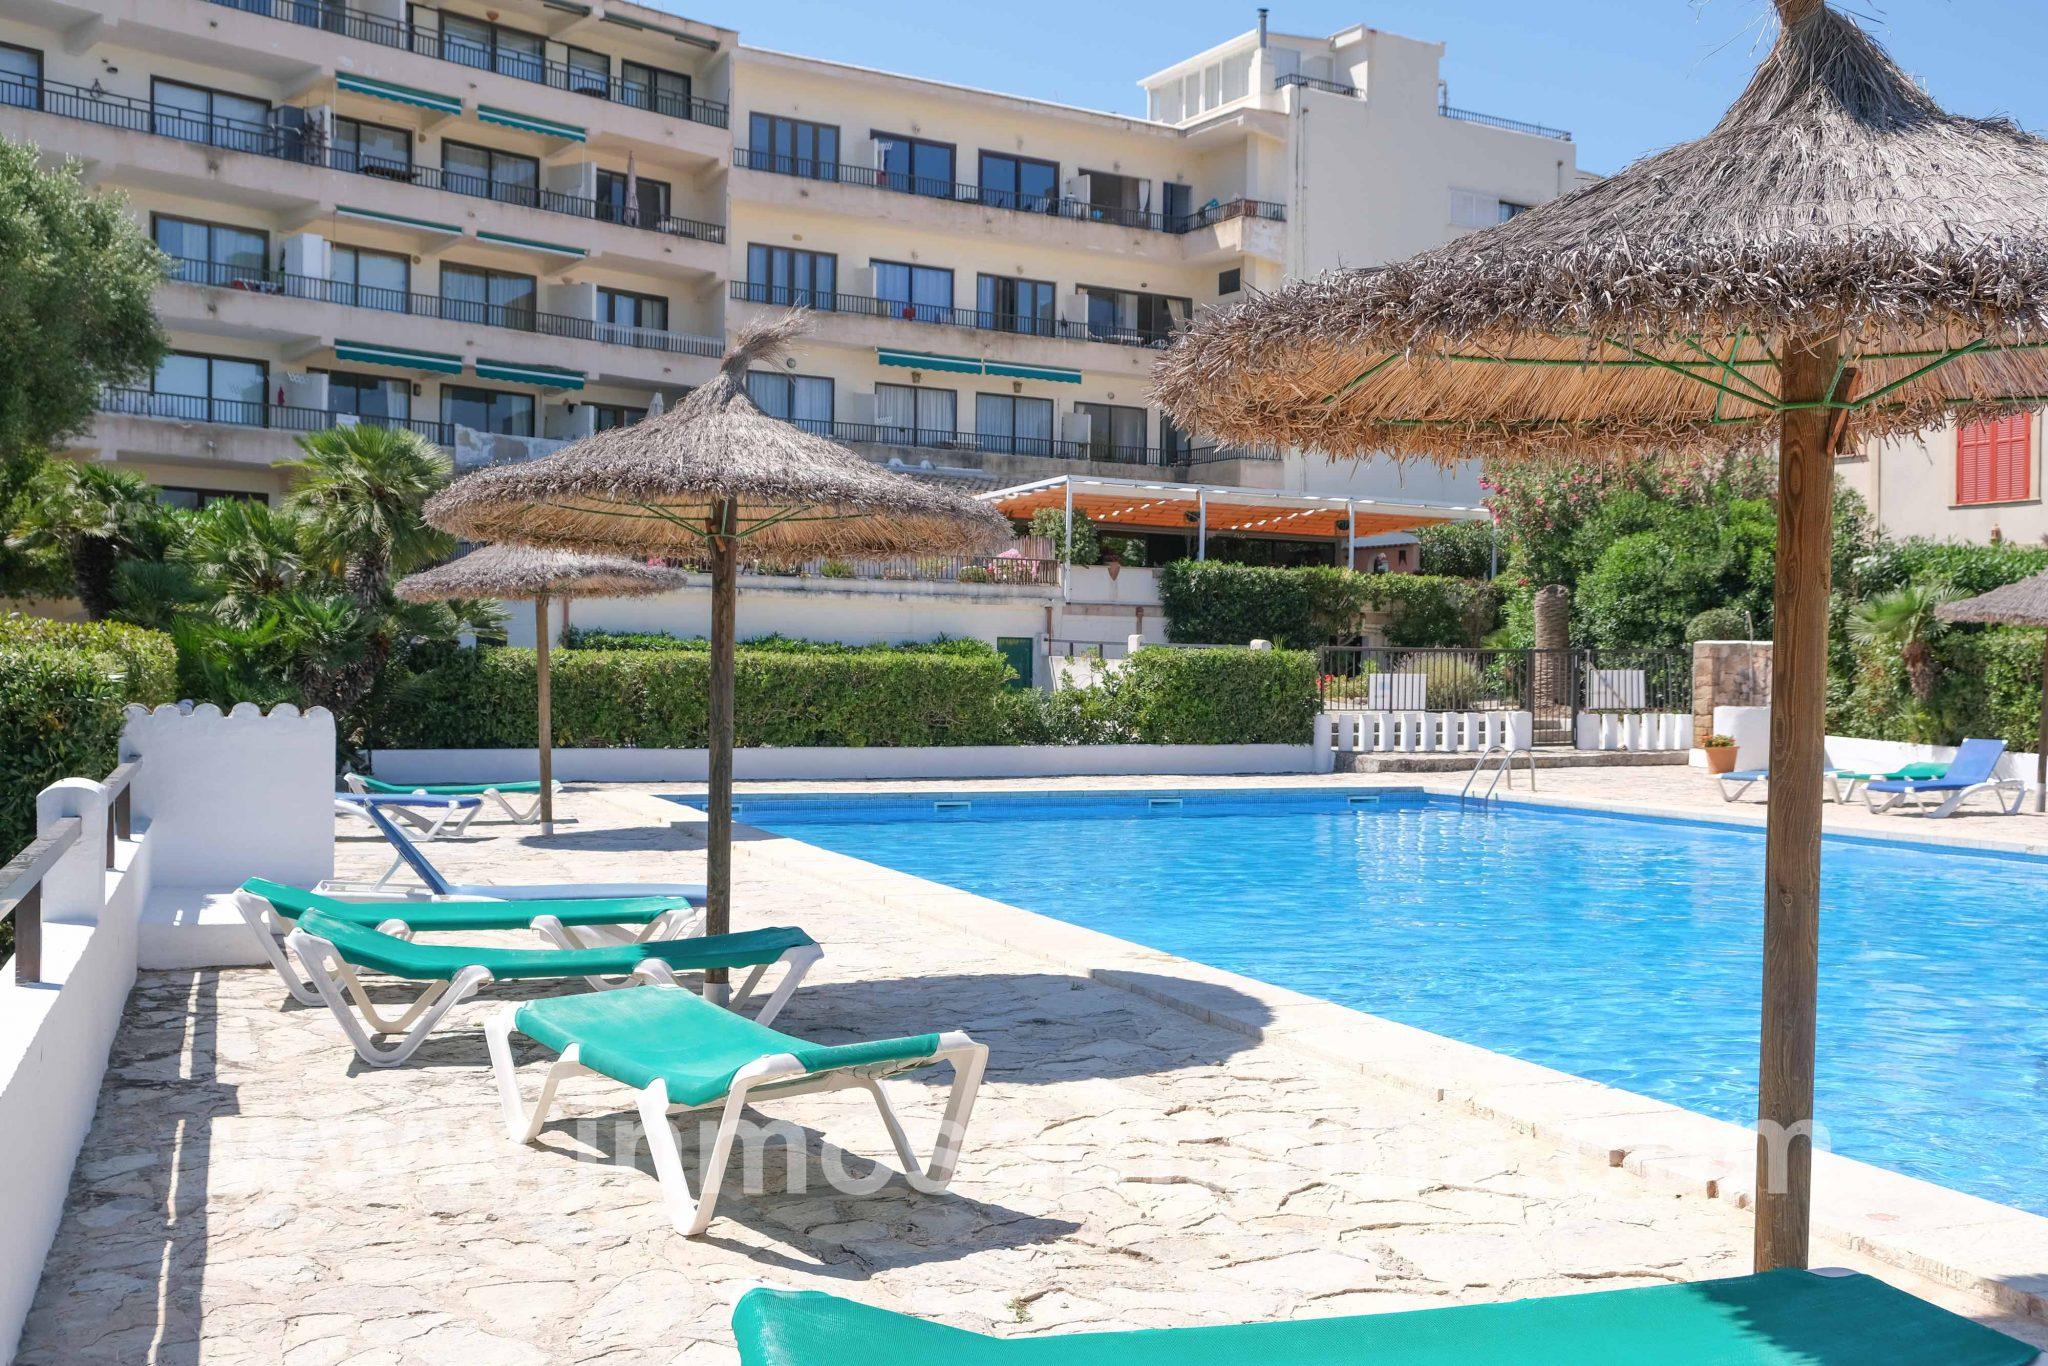 Apartamento con piscina y pista de tenis, Betlem, Venta